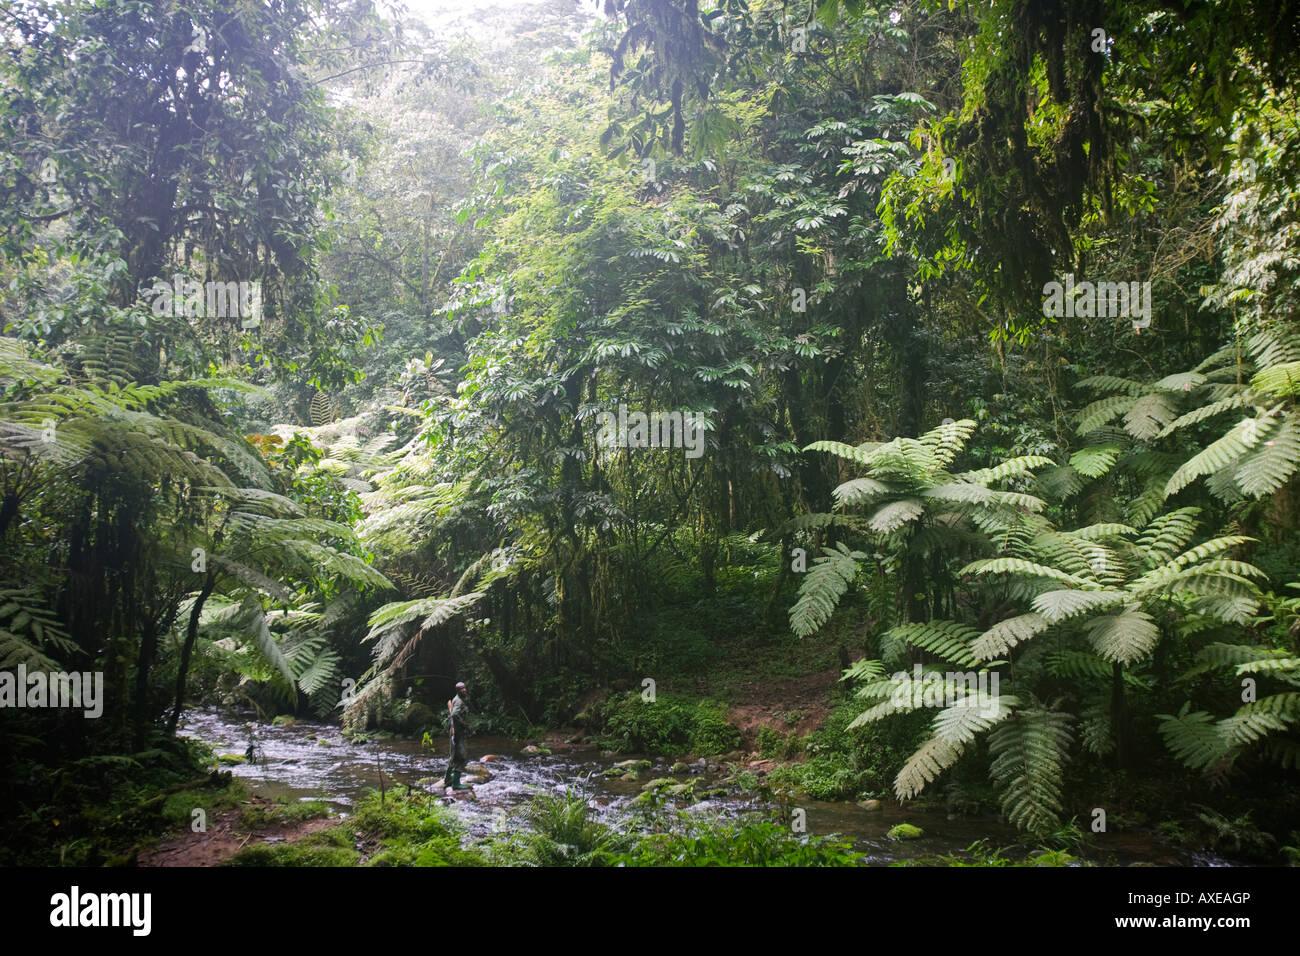 africa uganda bwindi impenetrable national park tropical